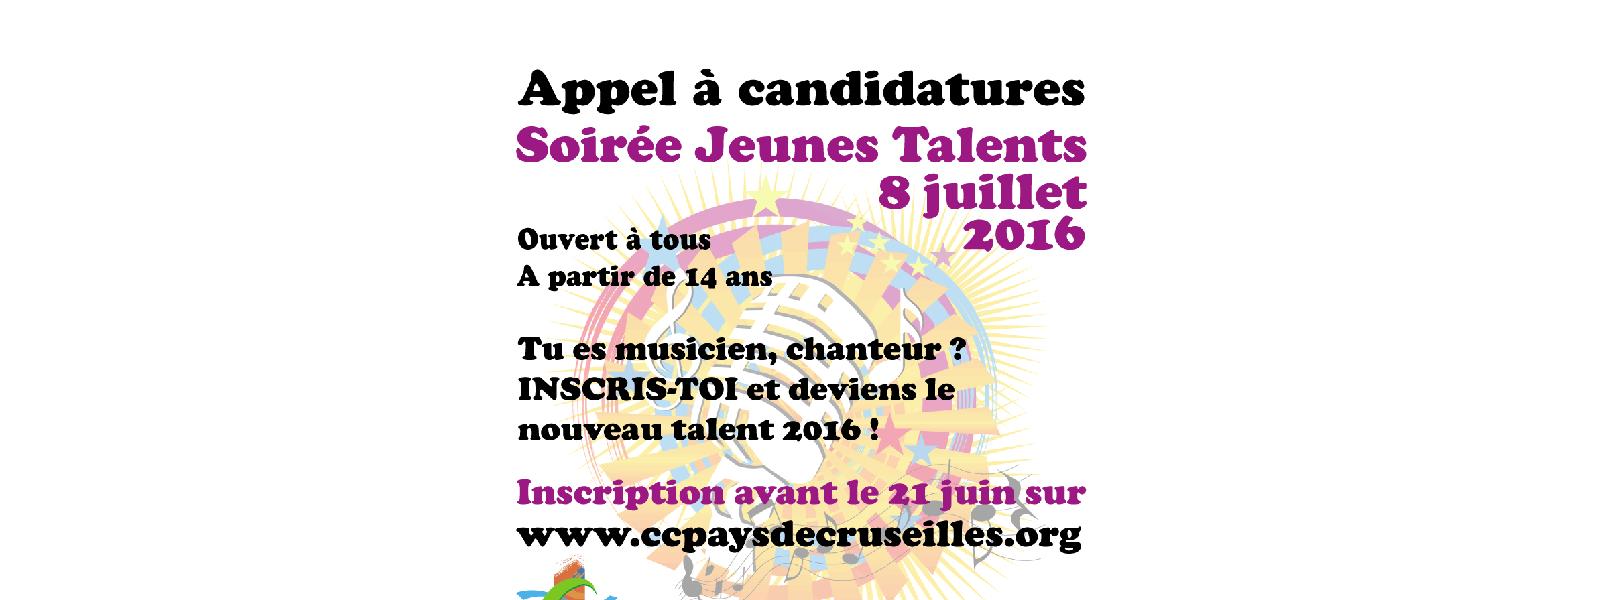 Candidature pour la soirée Jeunes Talents